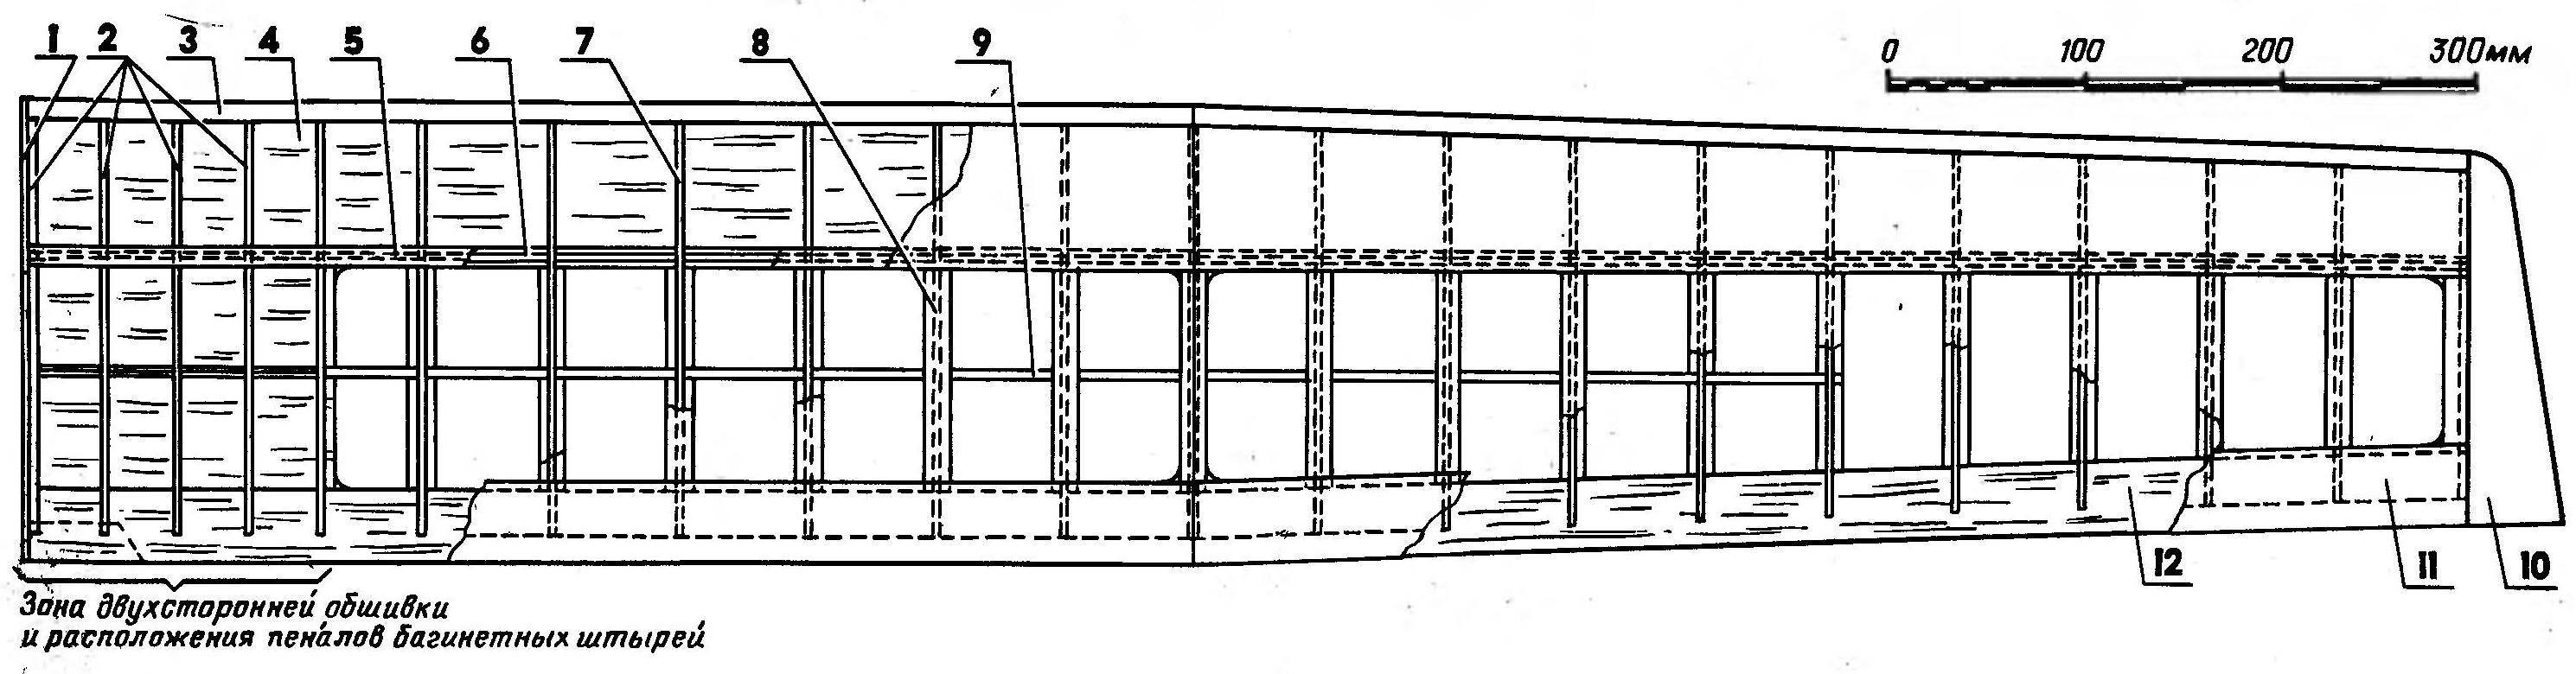 Рис. 4. Консоль крыла